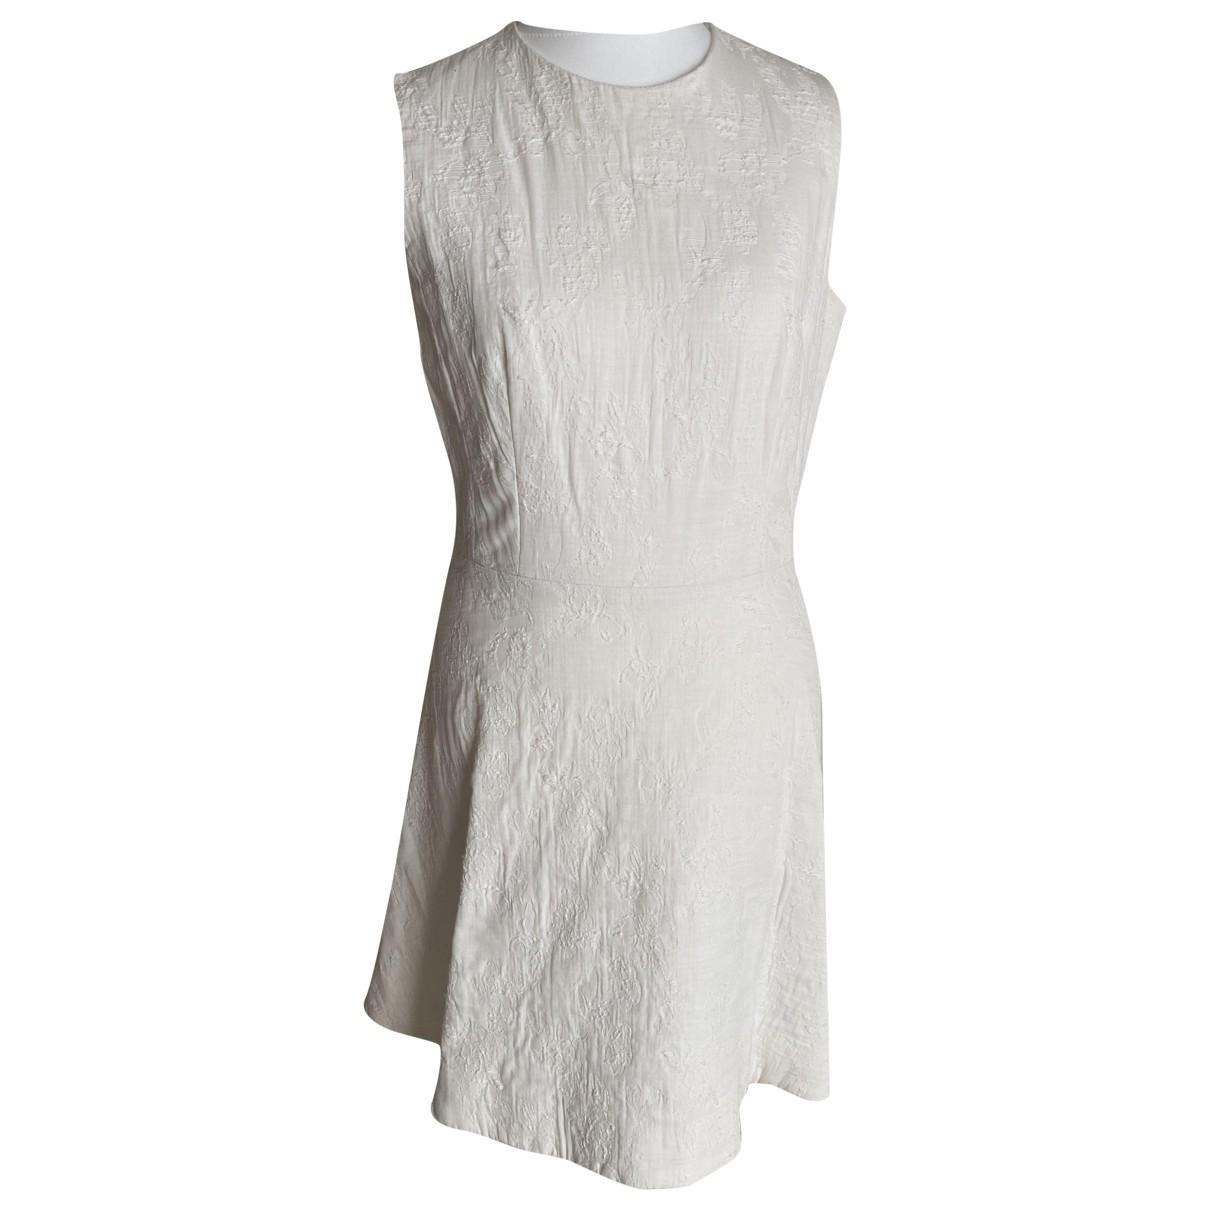 La Mania \N Kleid in  Weiss Baumwolle